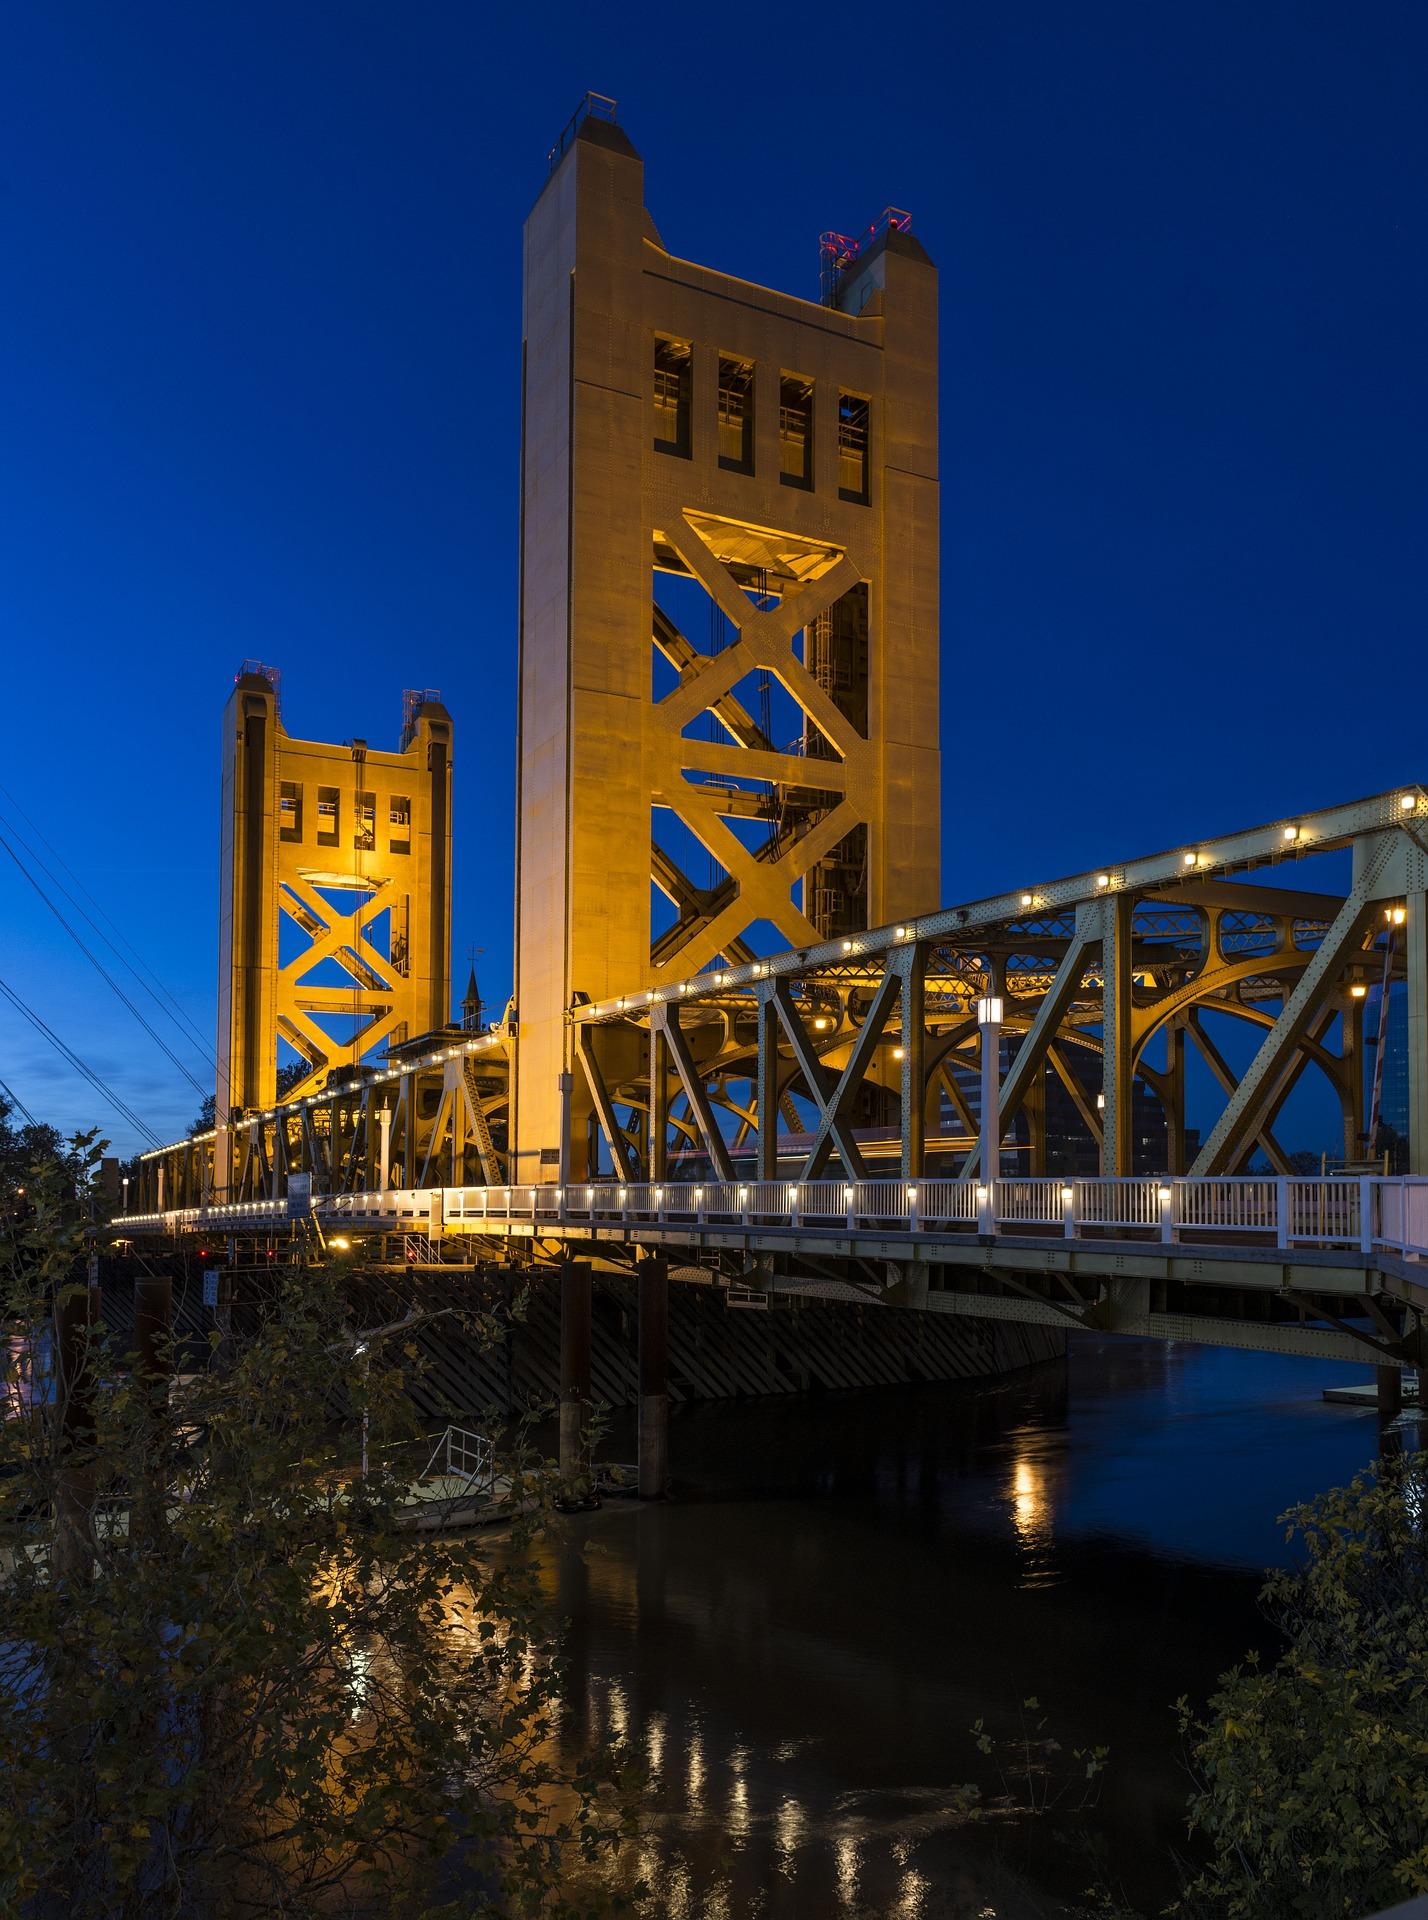 Tower Bridge, Architecture, Bridge, Channel, Construction, HQ Photo